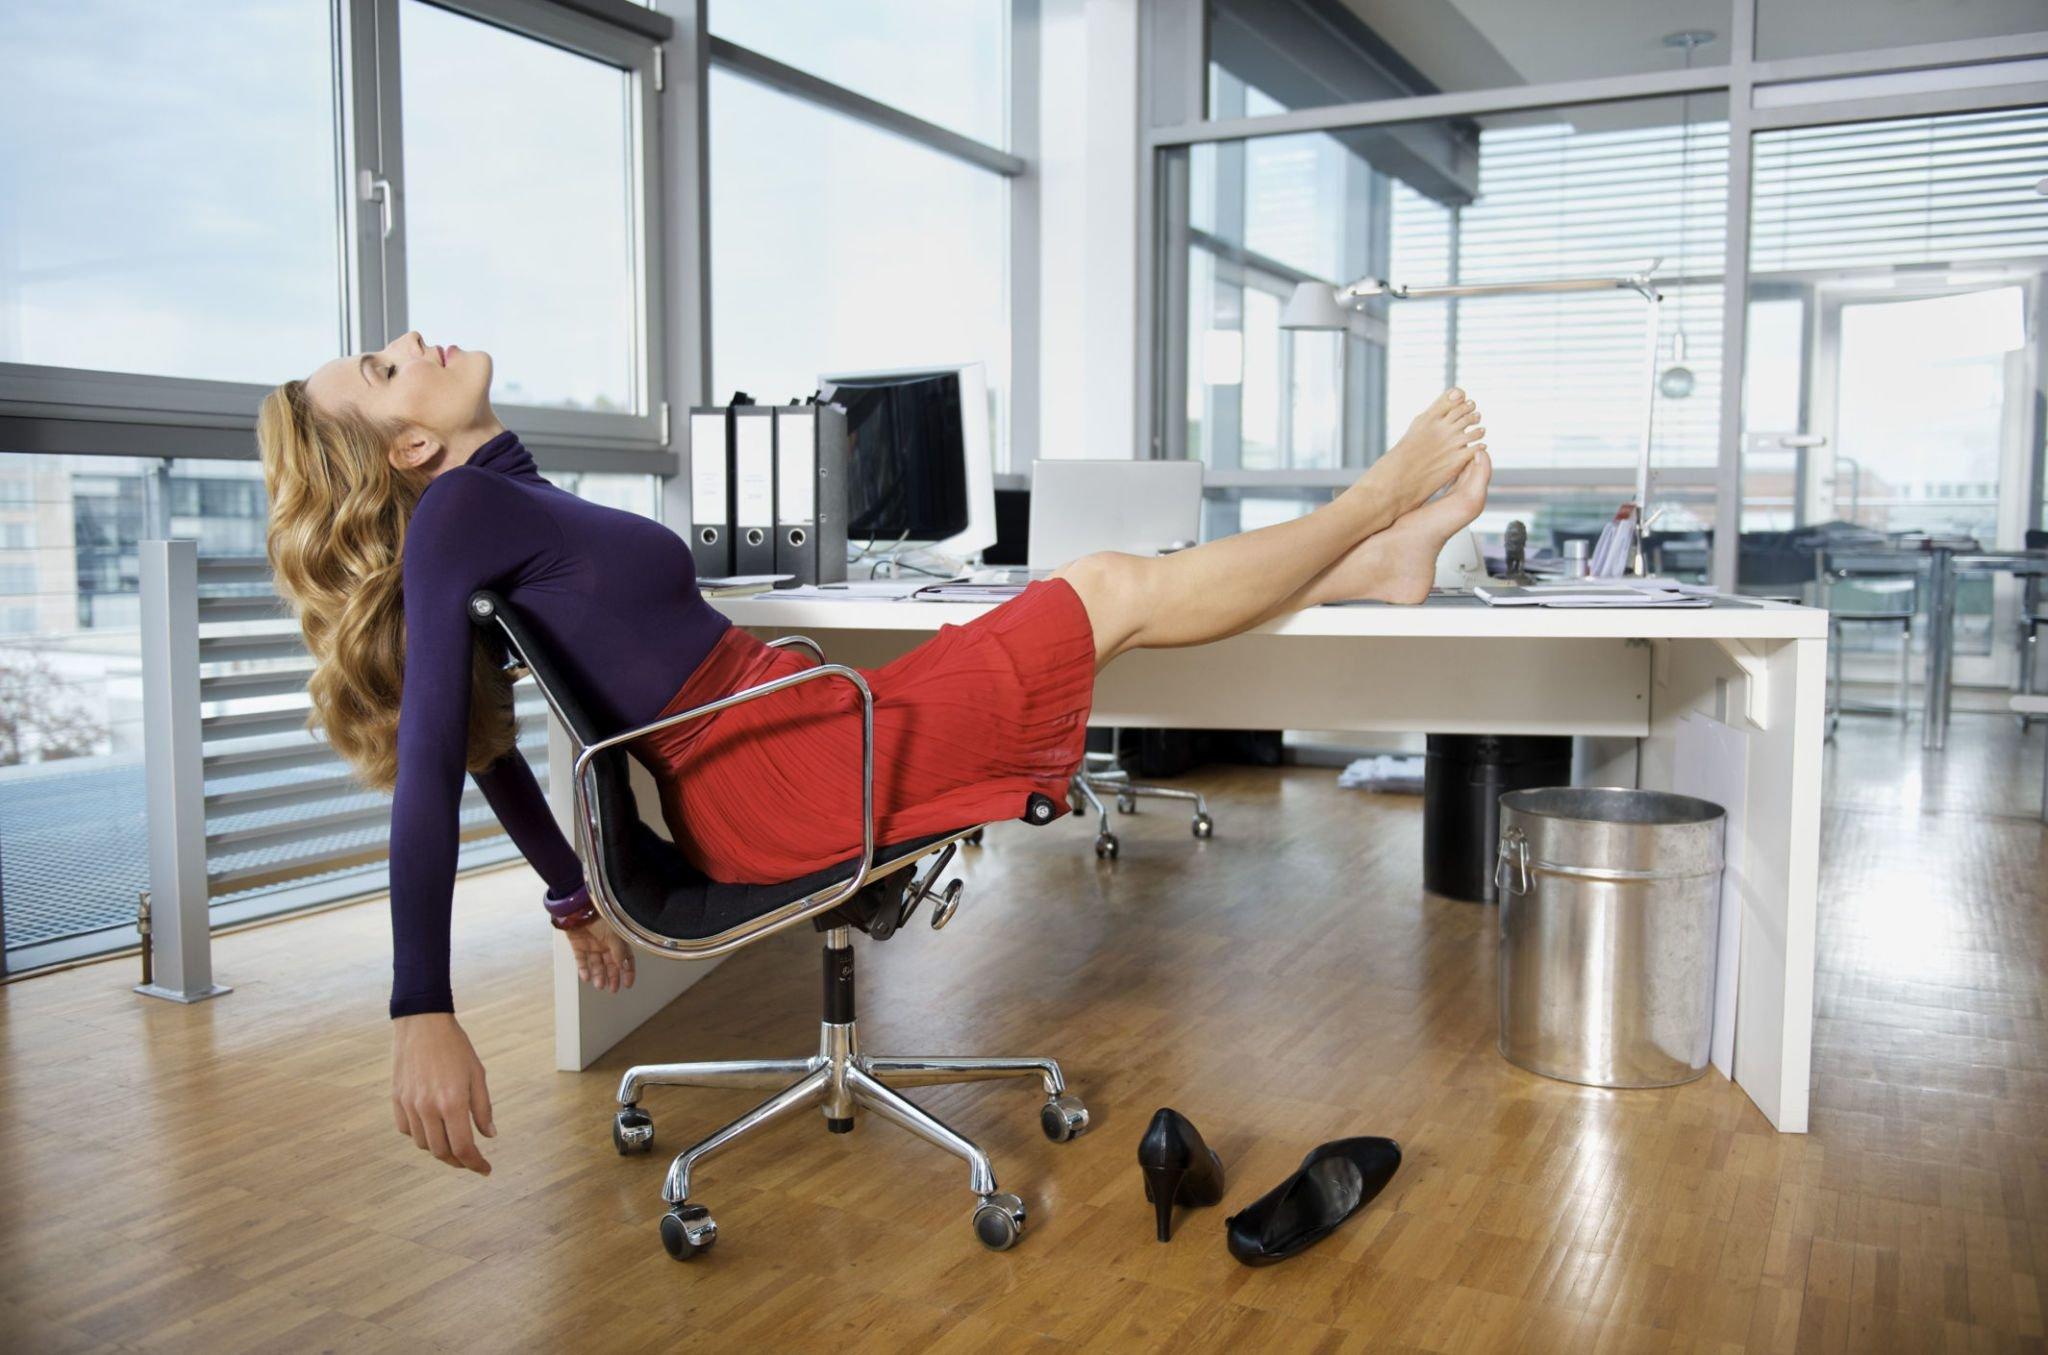 img 5b32ef47af2cb.png?resize=1200,630 - 7 種讓緊繃的生活更舒服的方法,放慢腳步!減少憂鬱!